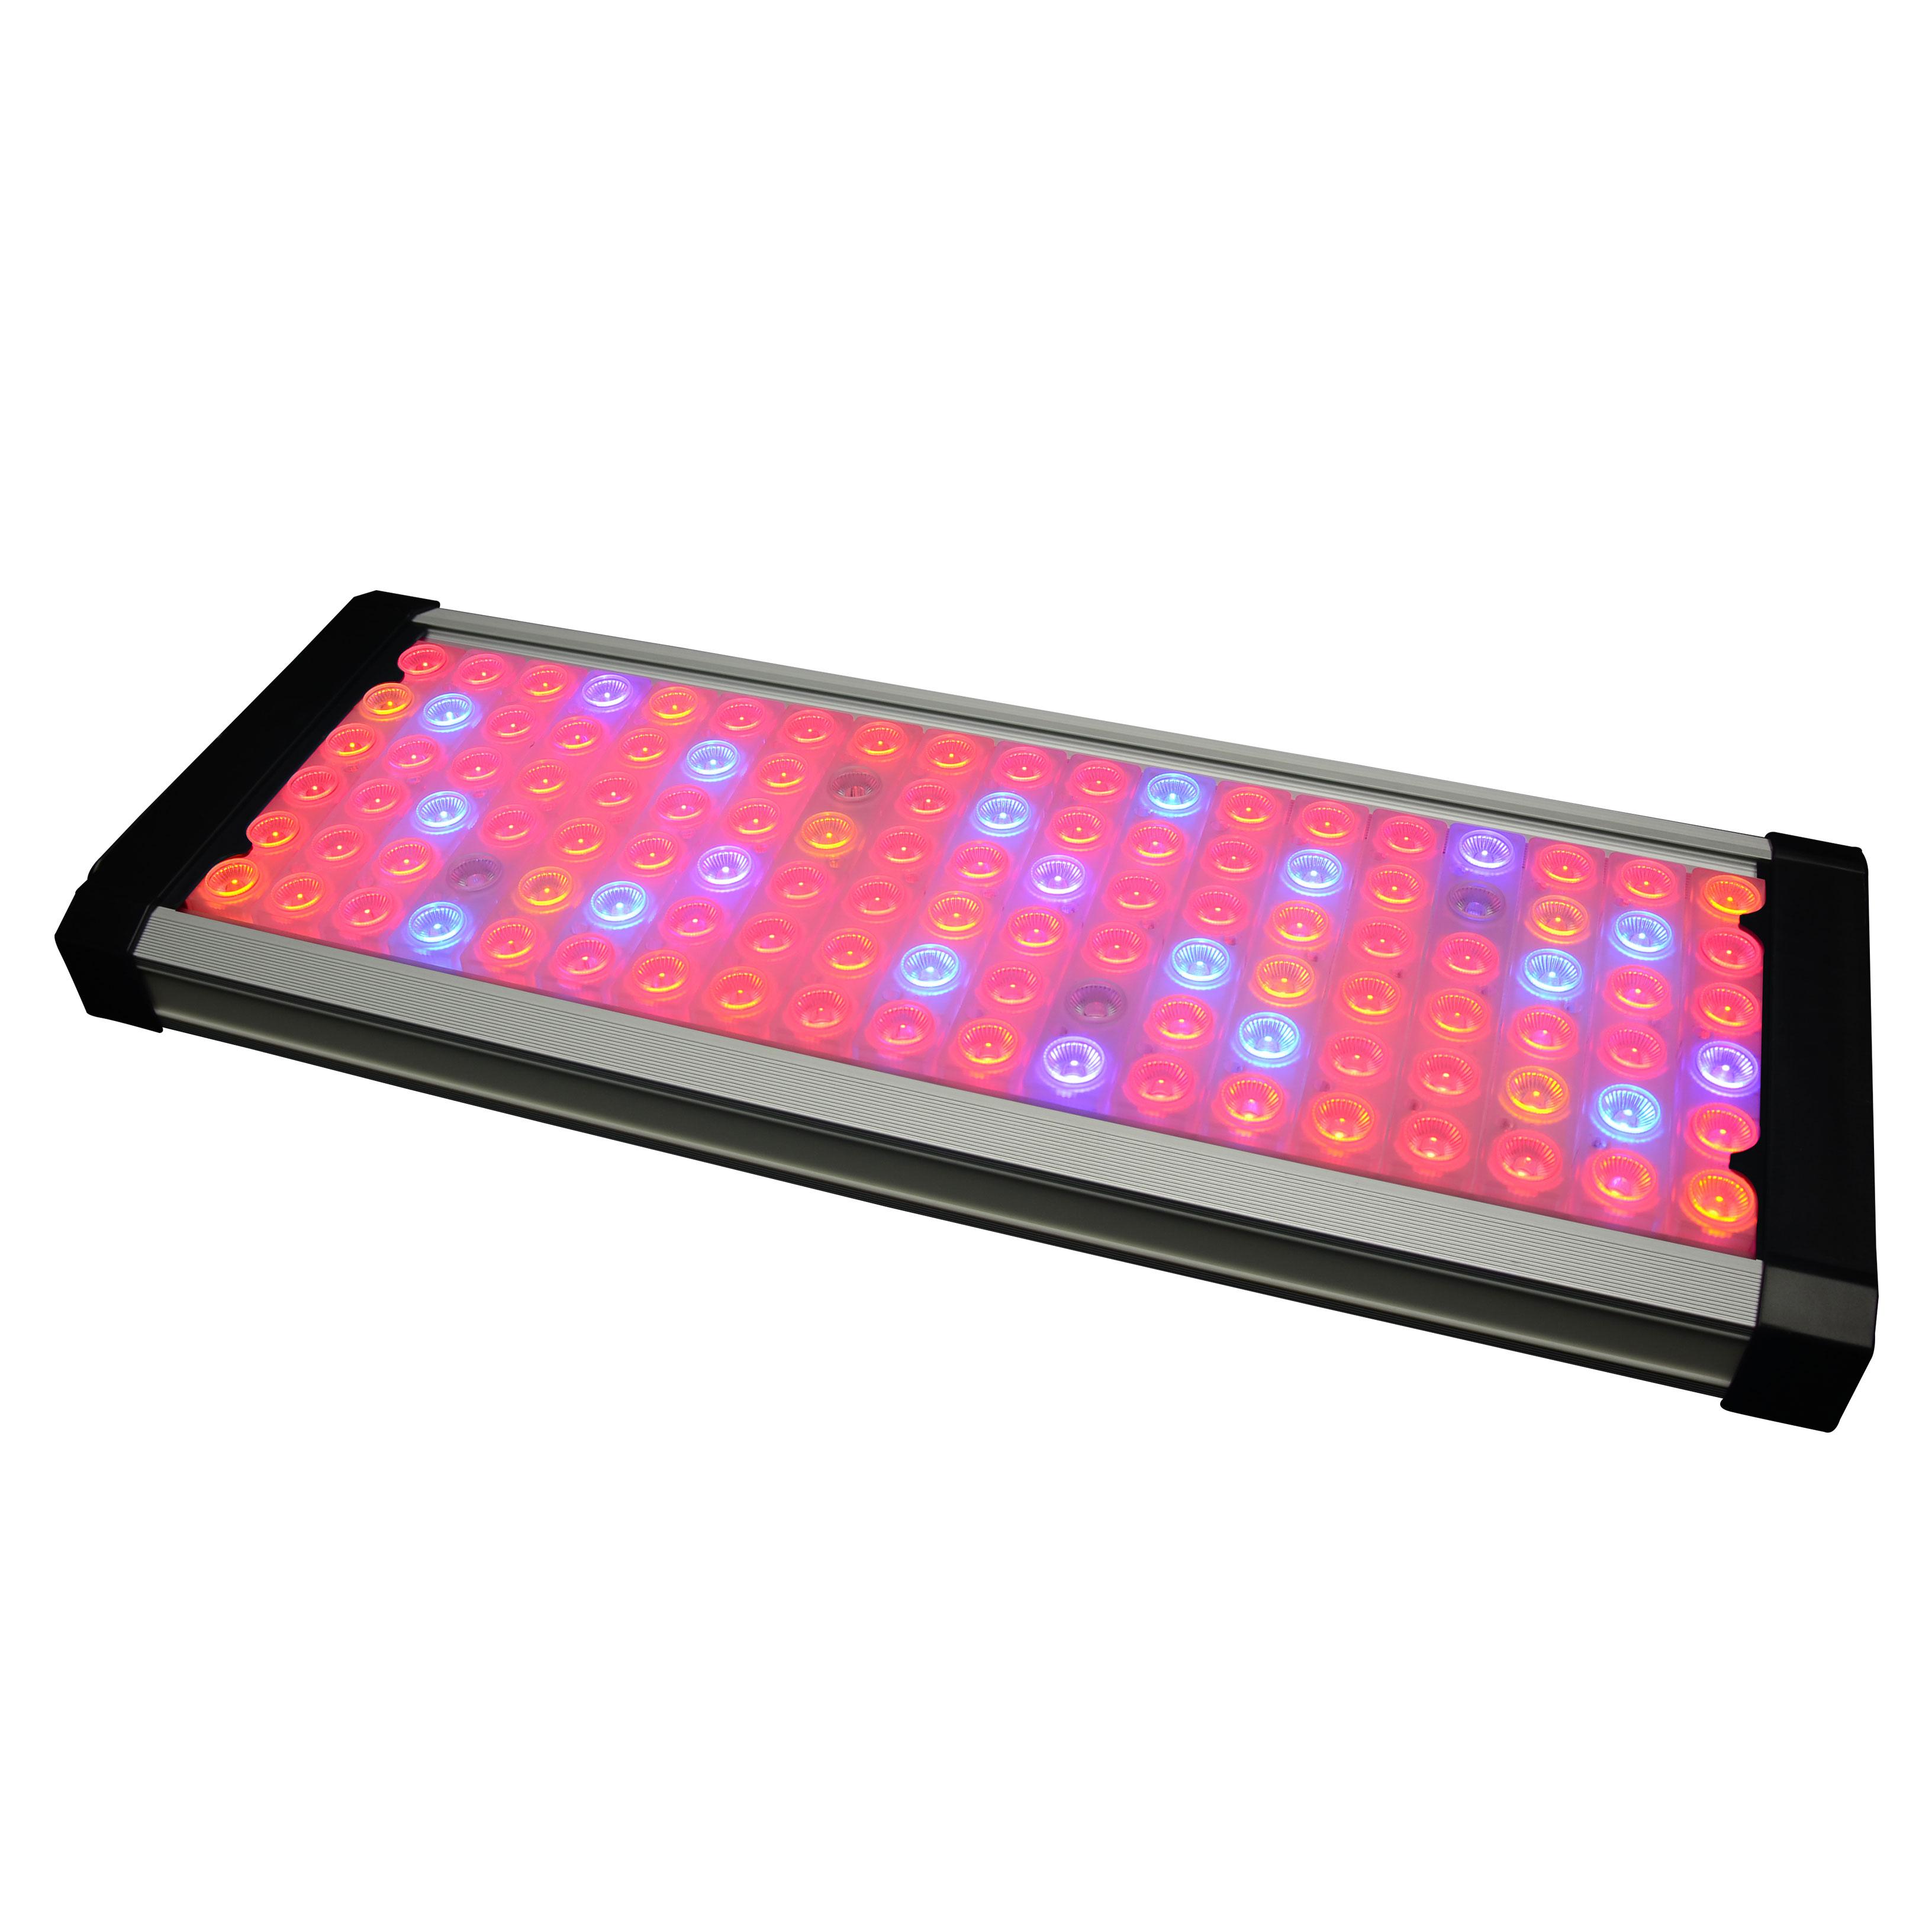 亚马逊热销LED植物生长灯透镜高光效补光灯X2